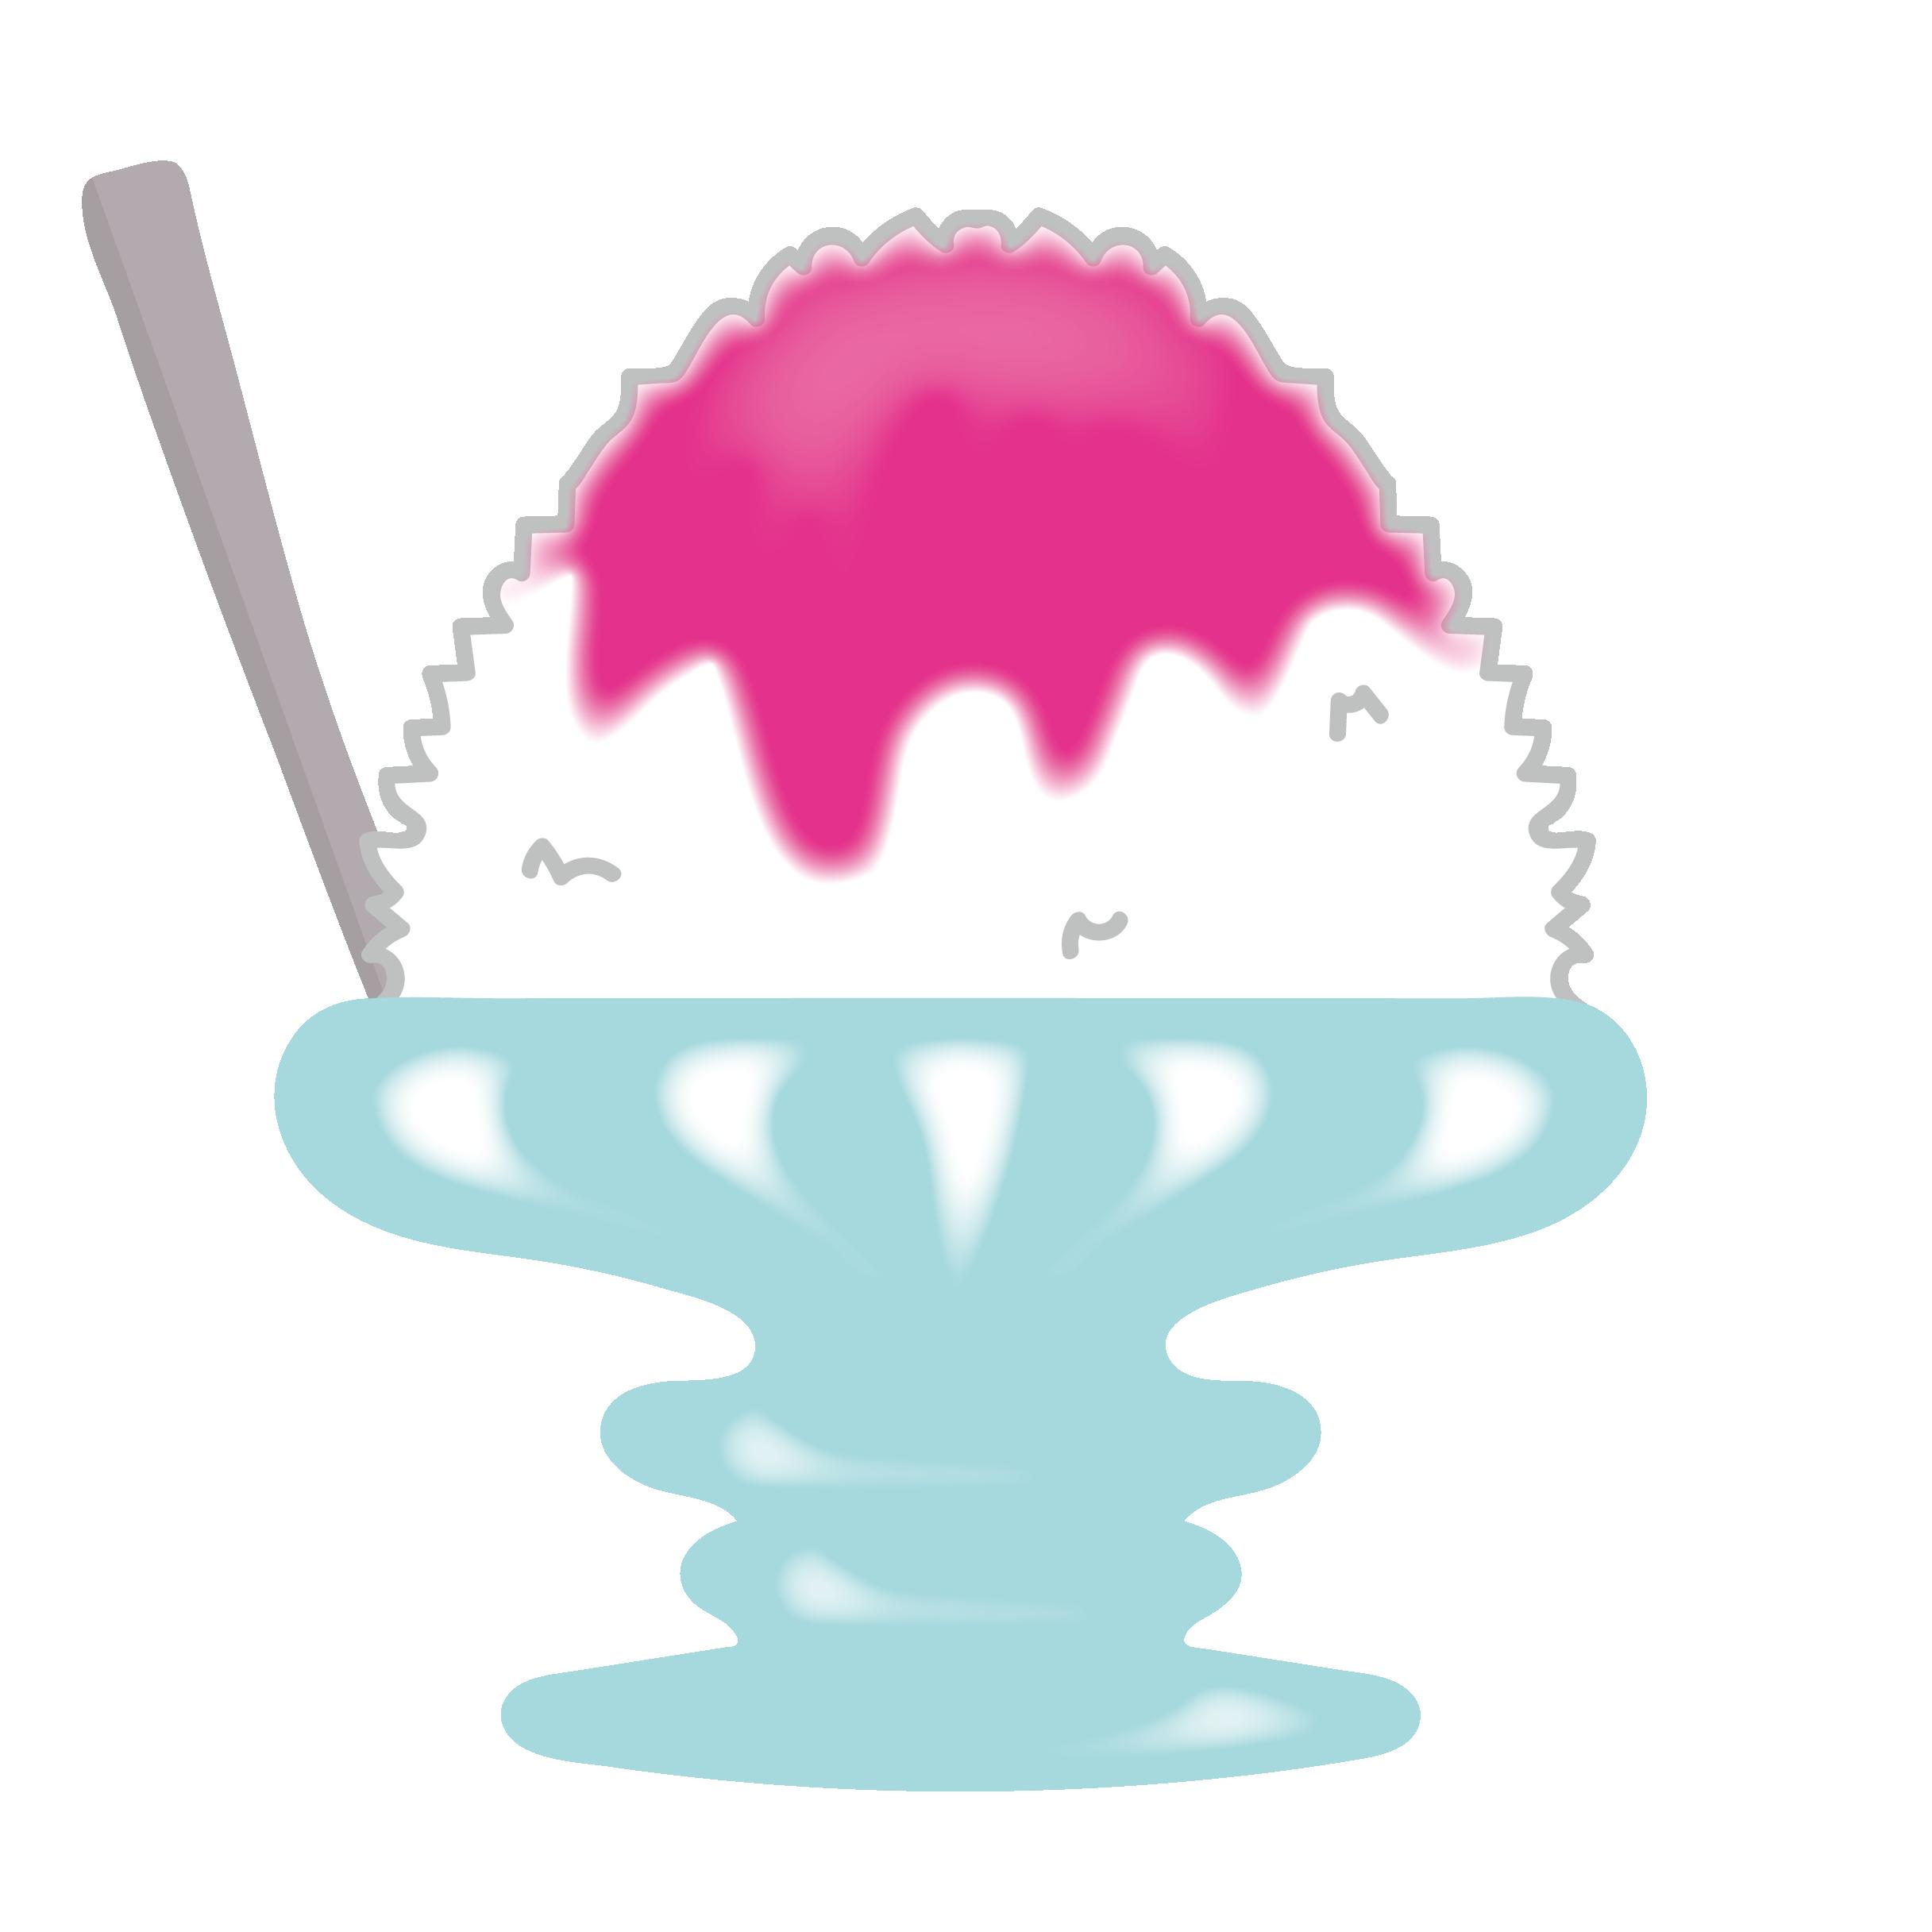 苺イチゴ味のカキ氷かき氷のイラスト 商用フリー無料の